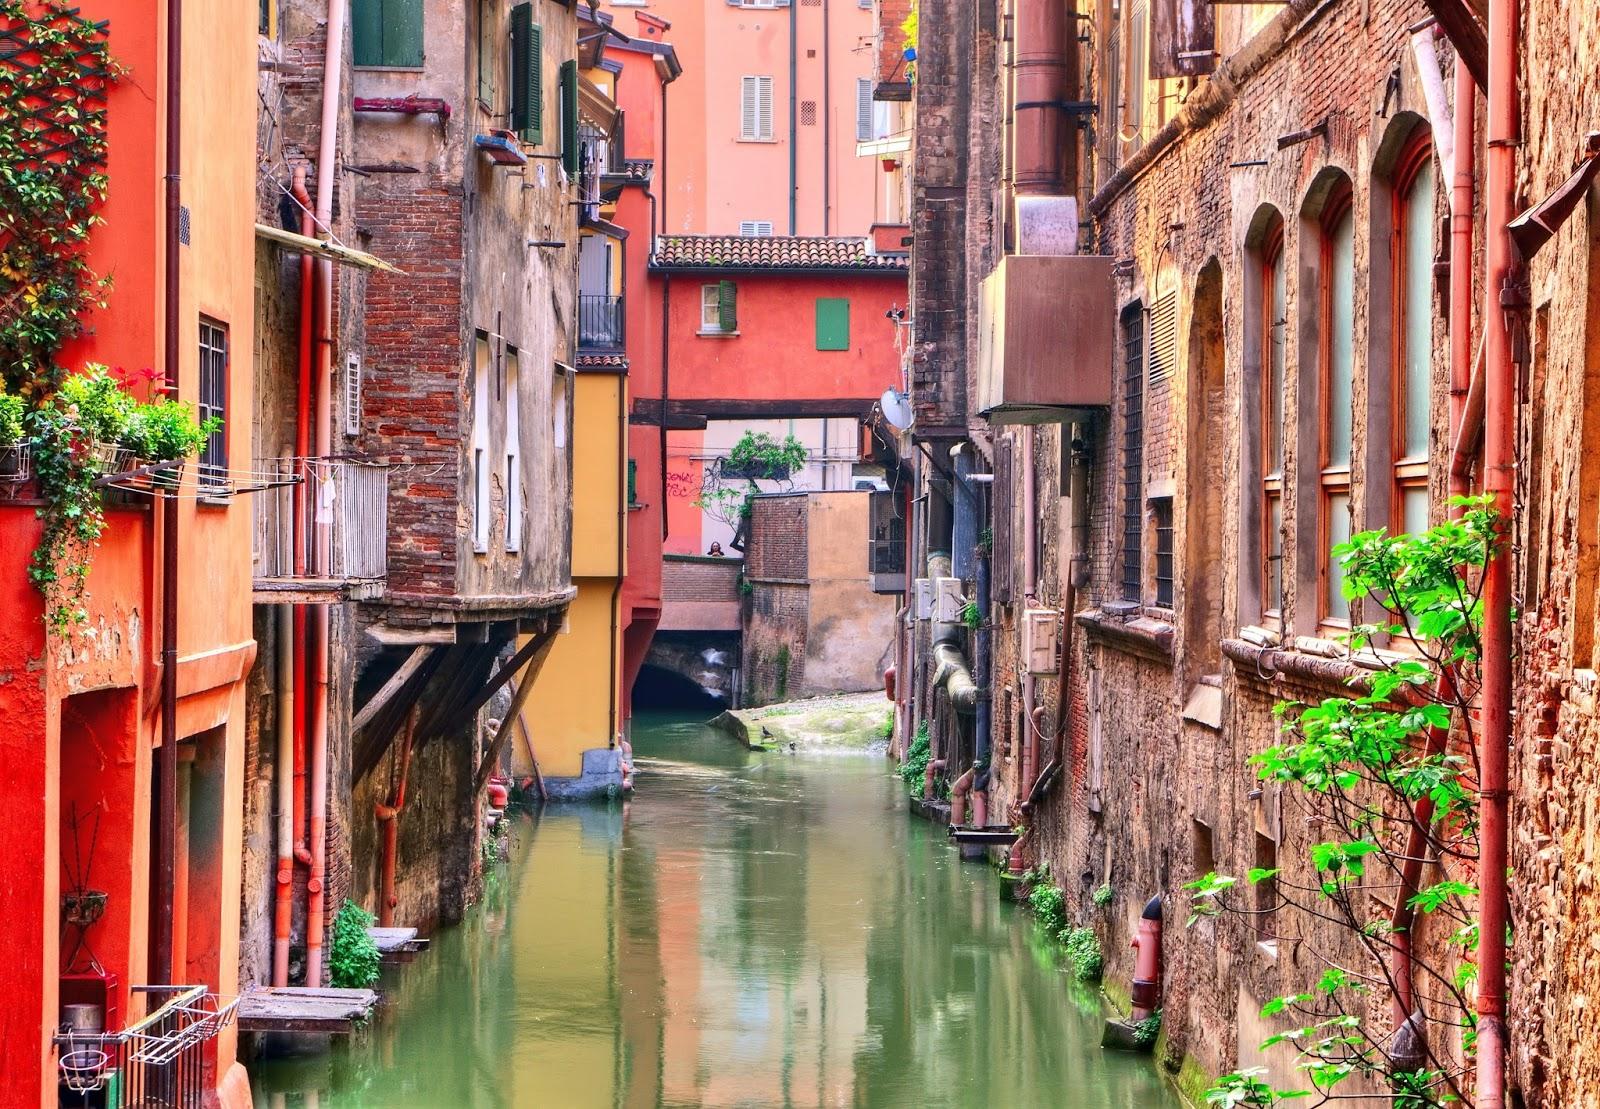 Scaduta san valentino a bologna poracci in viaggio i migliori voli hotel e pacchetti per - Bologna finestra sul canale ...